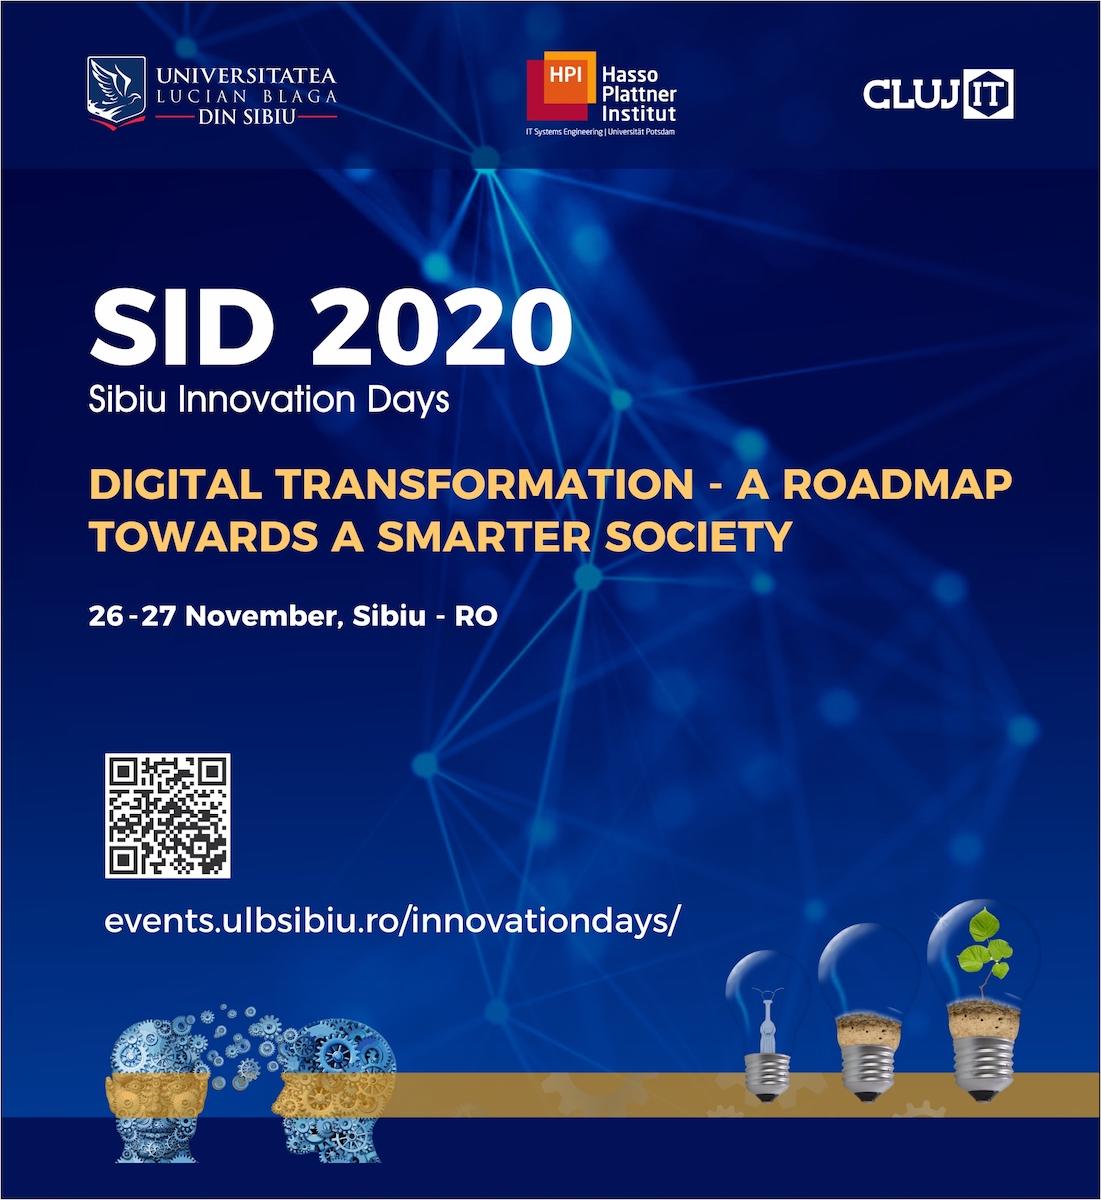 Transformarea digitală: direcția principală spre o societate mai inteligentă la Sibiu Innovation Days 2020